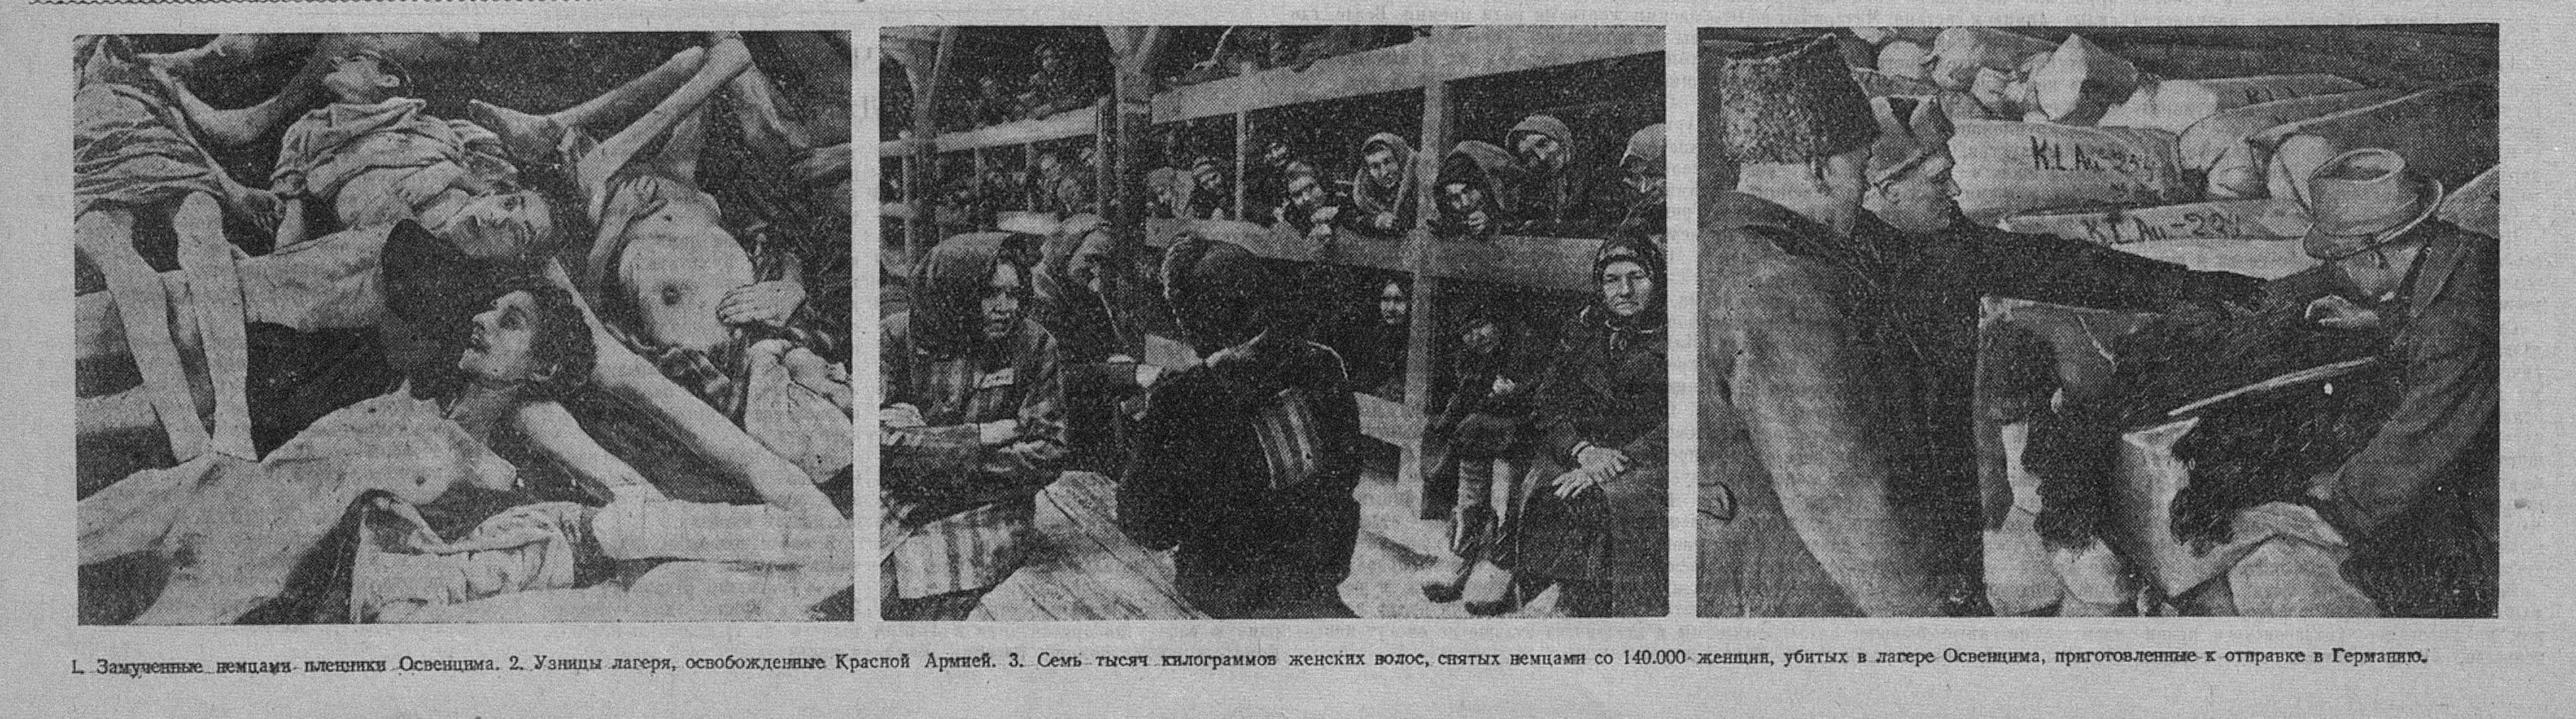 8 мая 1945 года в «Известиях»: Германия капитулировала, народы ликуют